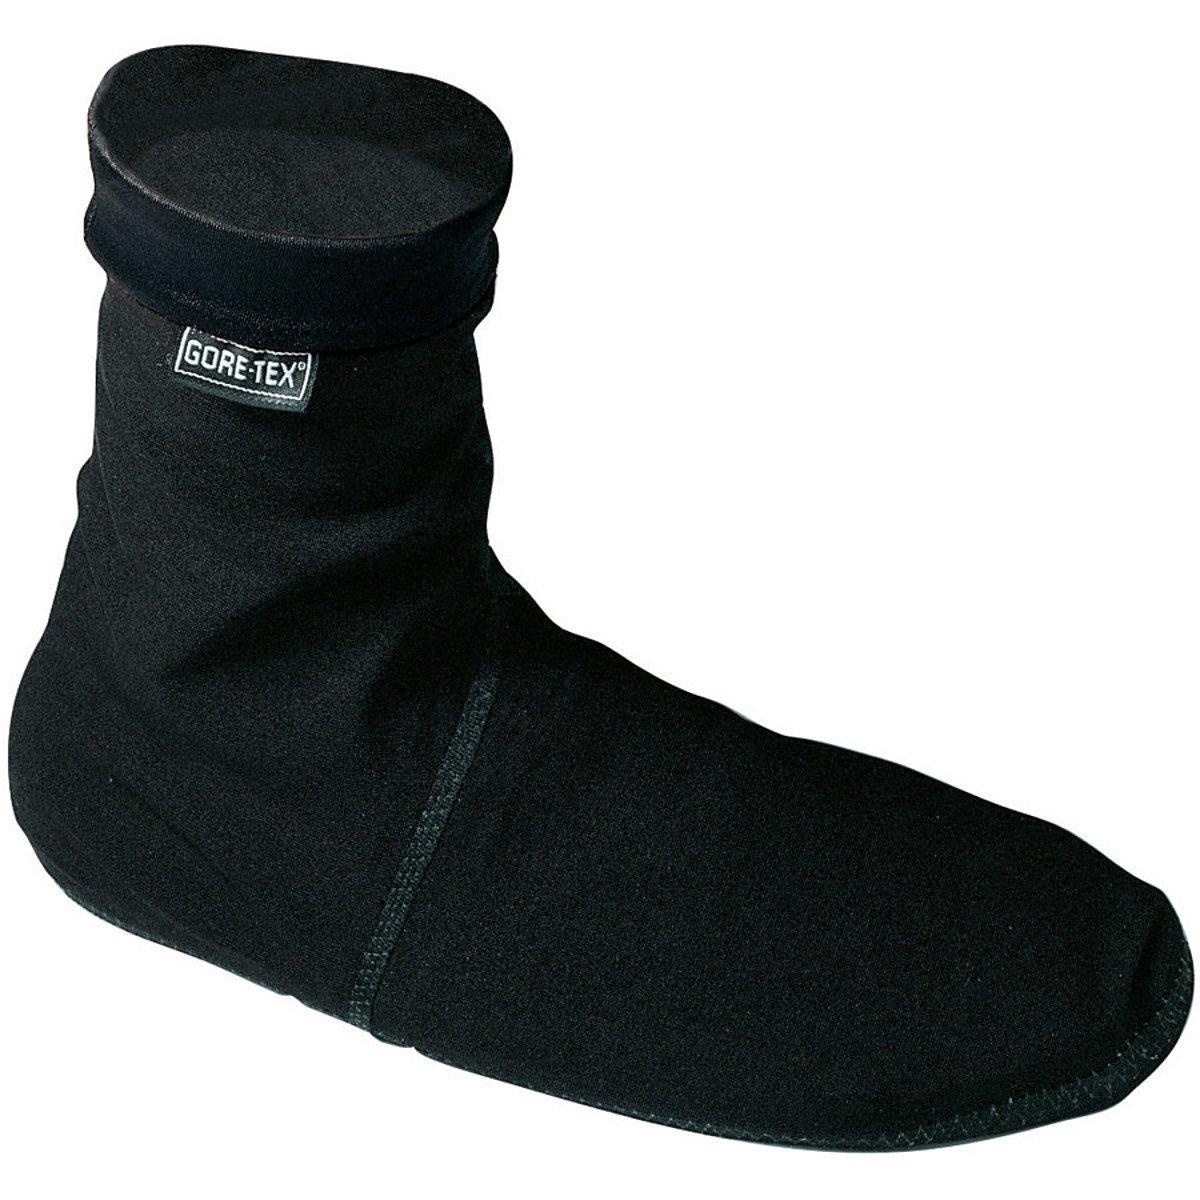 Gore Bike Wear Universal Gore-Tex Socks, Black, 5.0-6.0